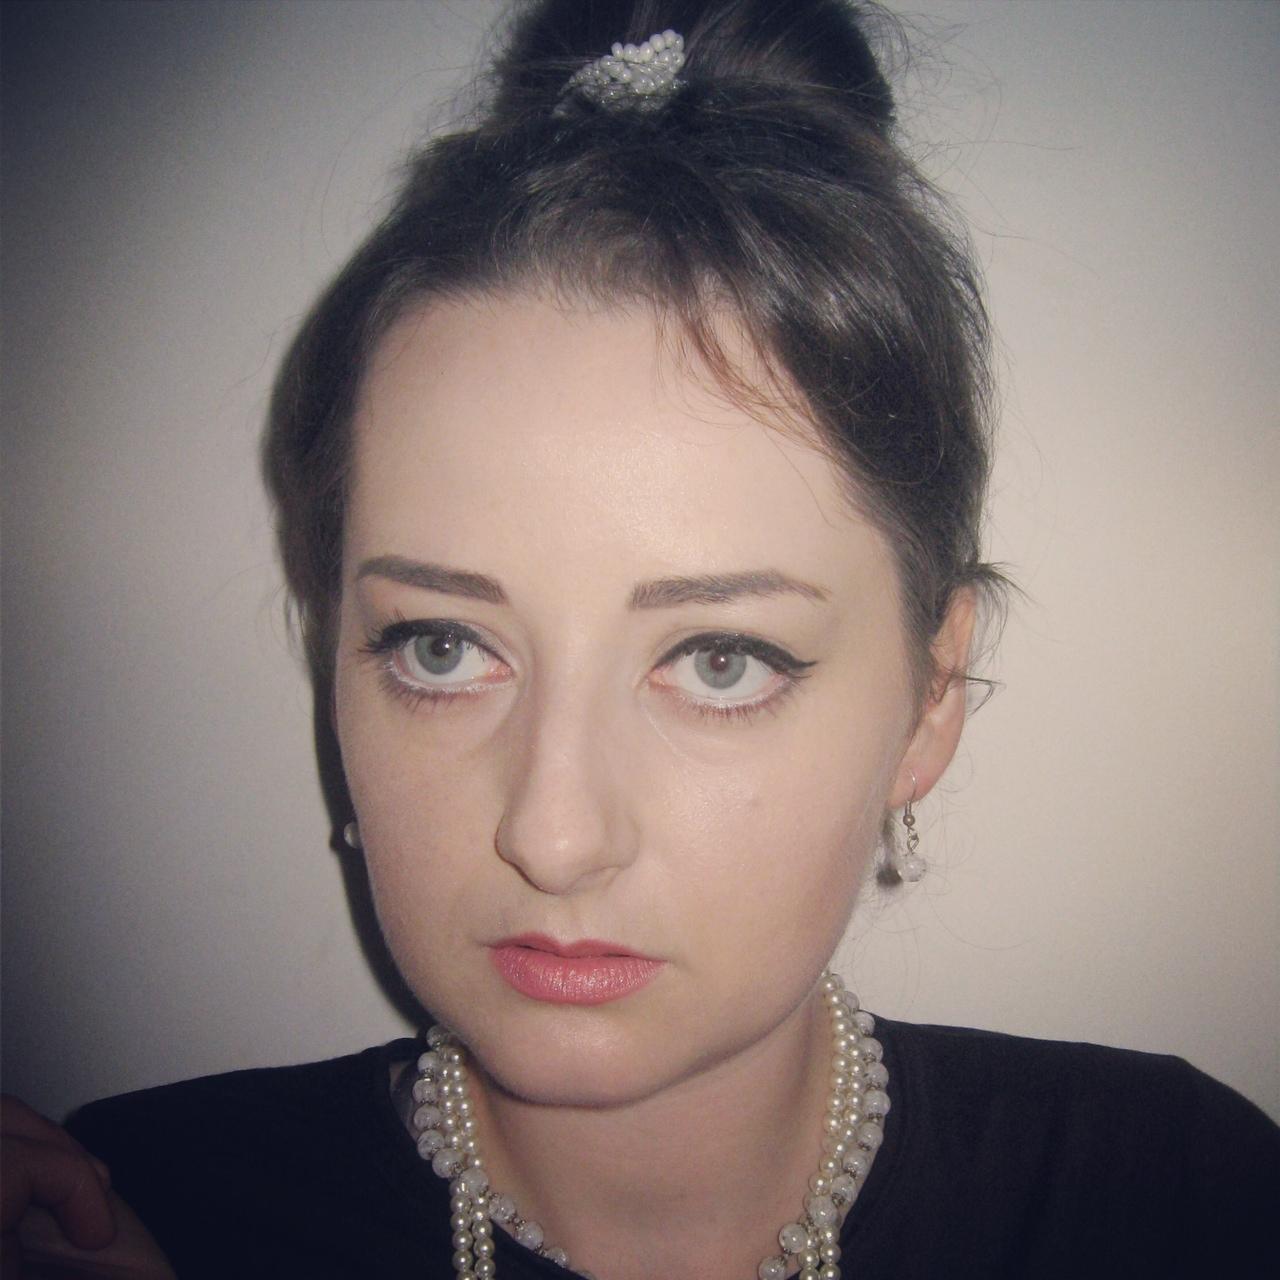 Audrey Hepburn Makeup Makeup Aradmakeup Timisoara Monica - Audrey-hepburn-makeup